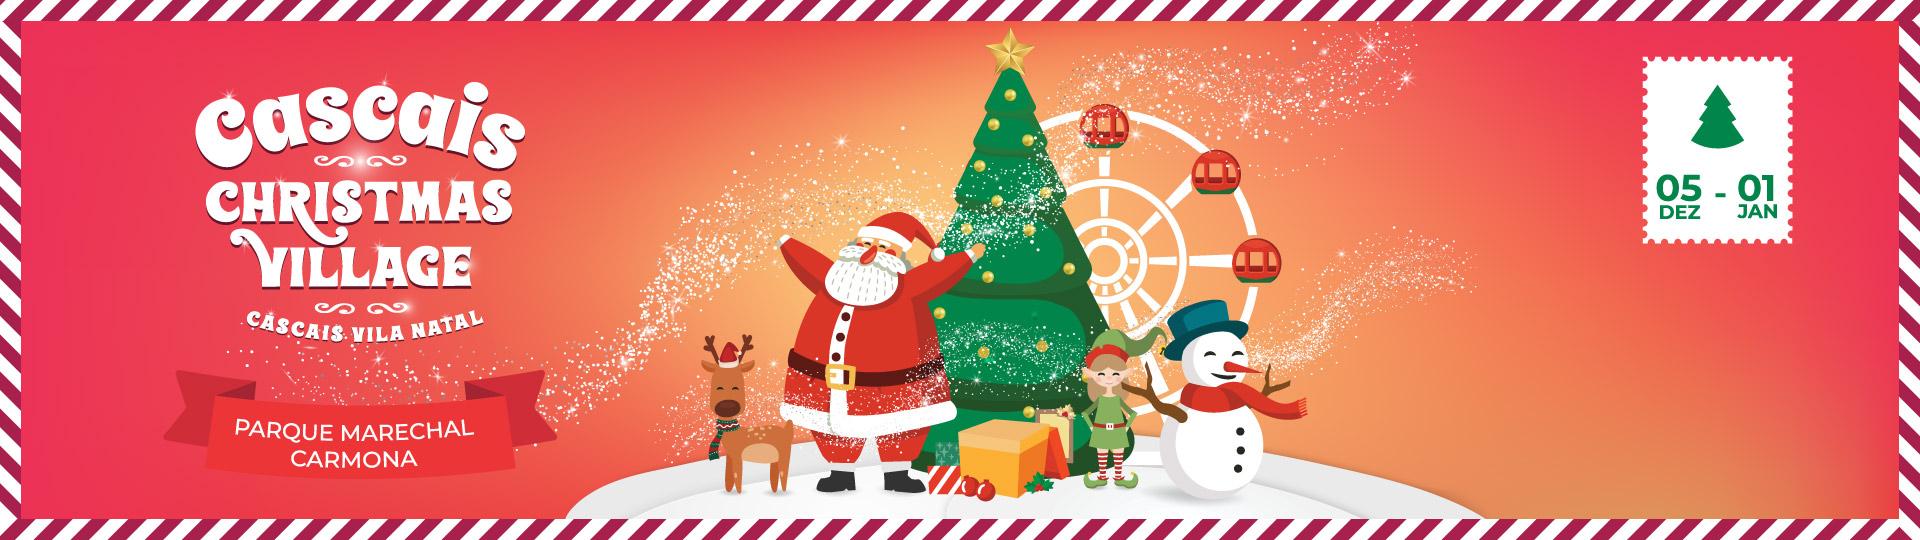 CASCAIS CHRISTMAS VILLAGE 2019